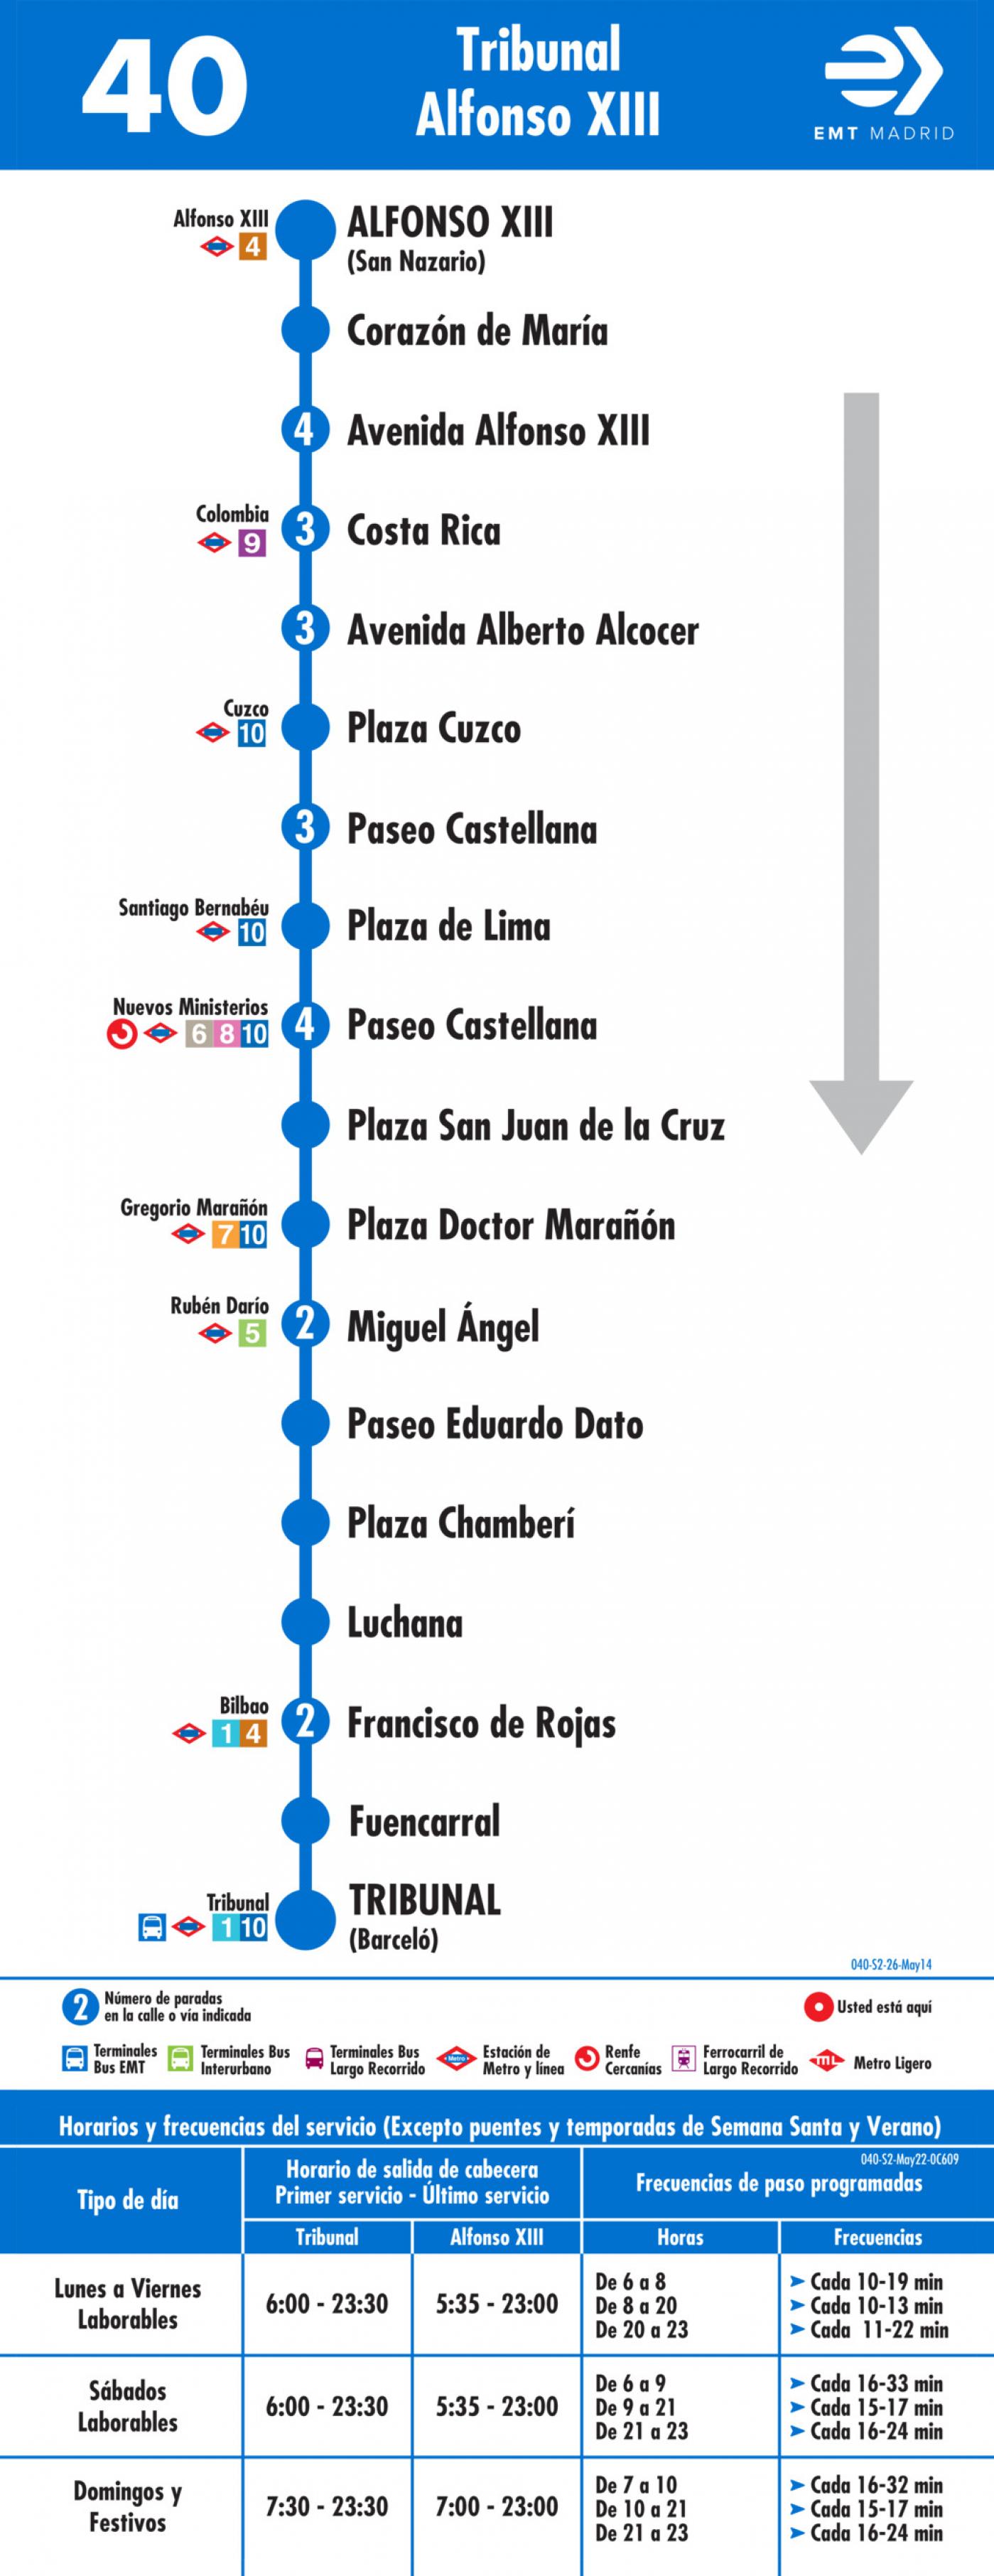 Tabla de horarios y frecuencias de paso en sentido vuelta Línea 40: Tribunal - Alfonso XIII